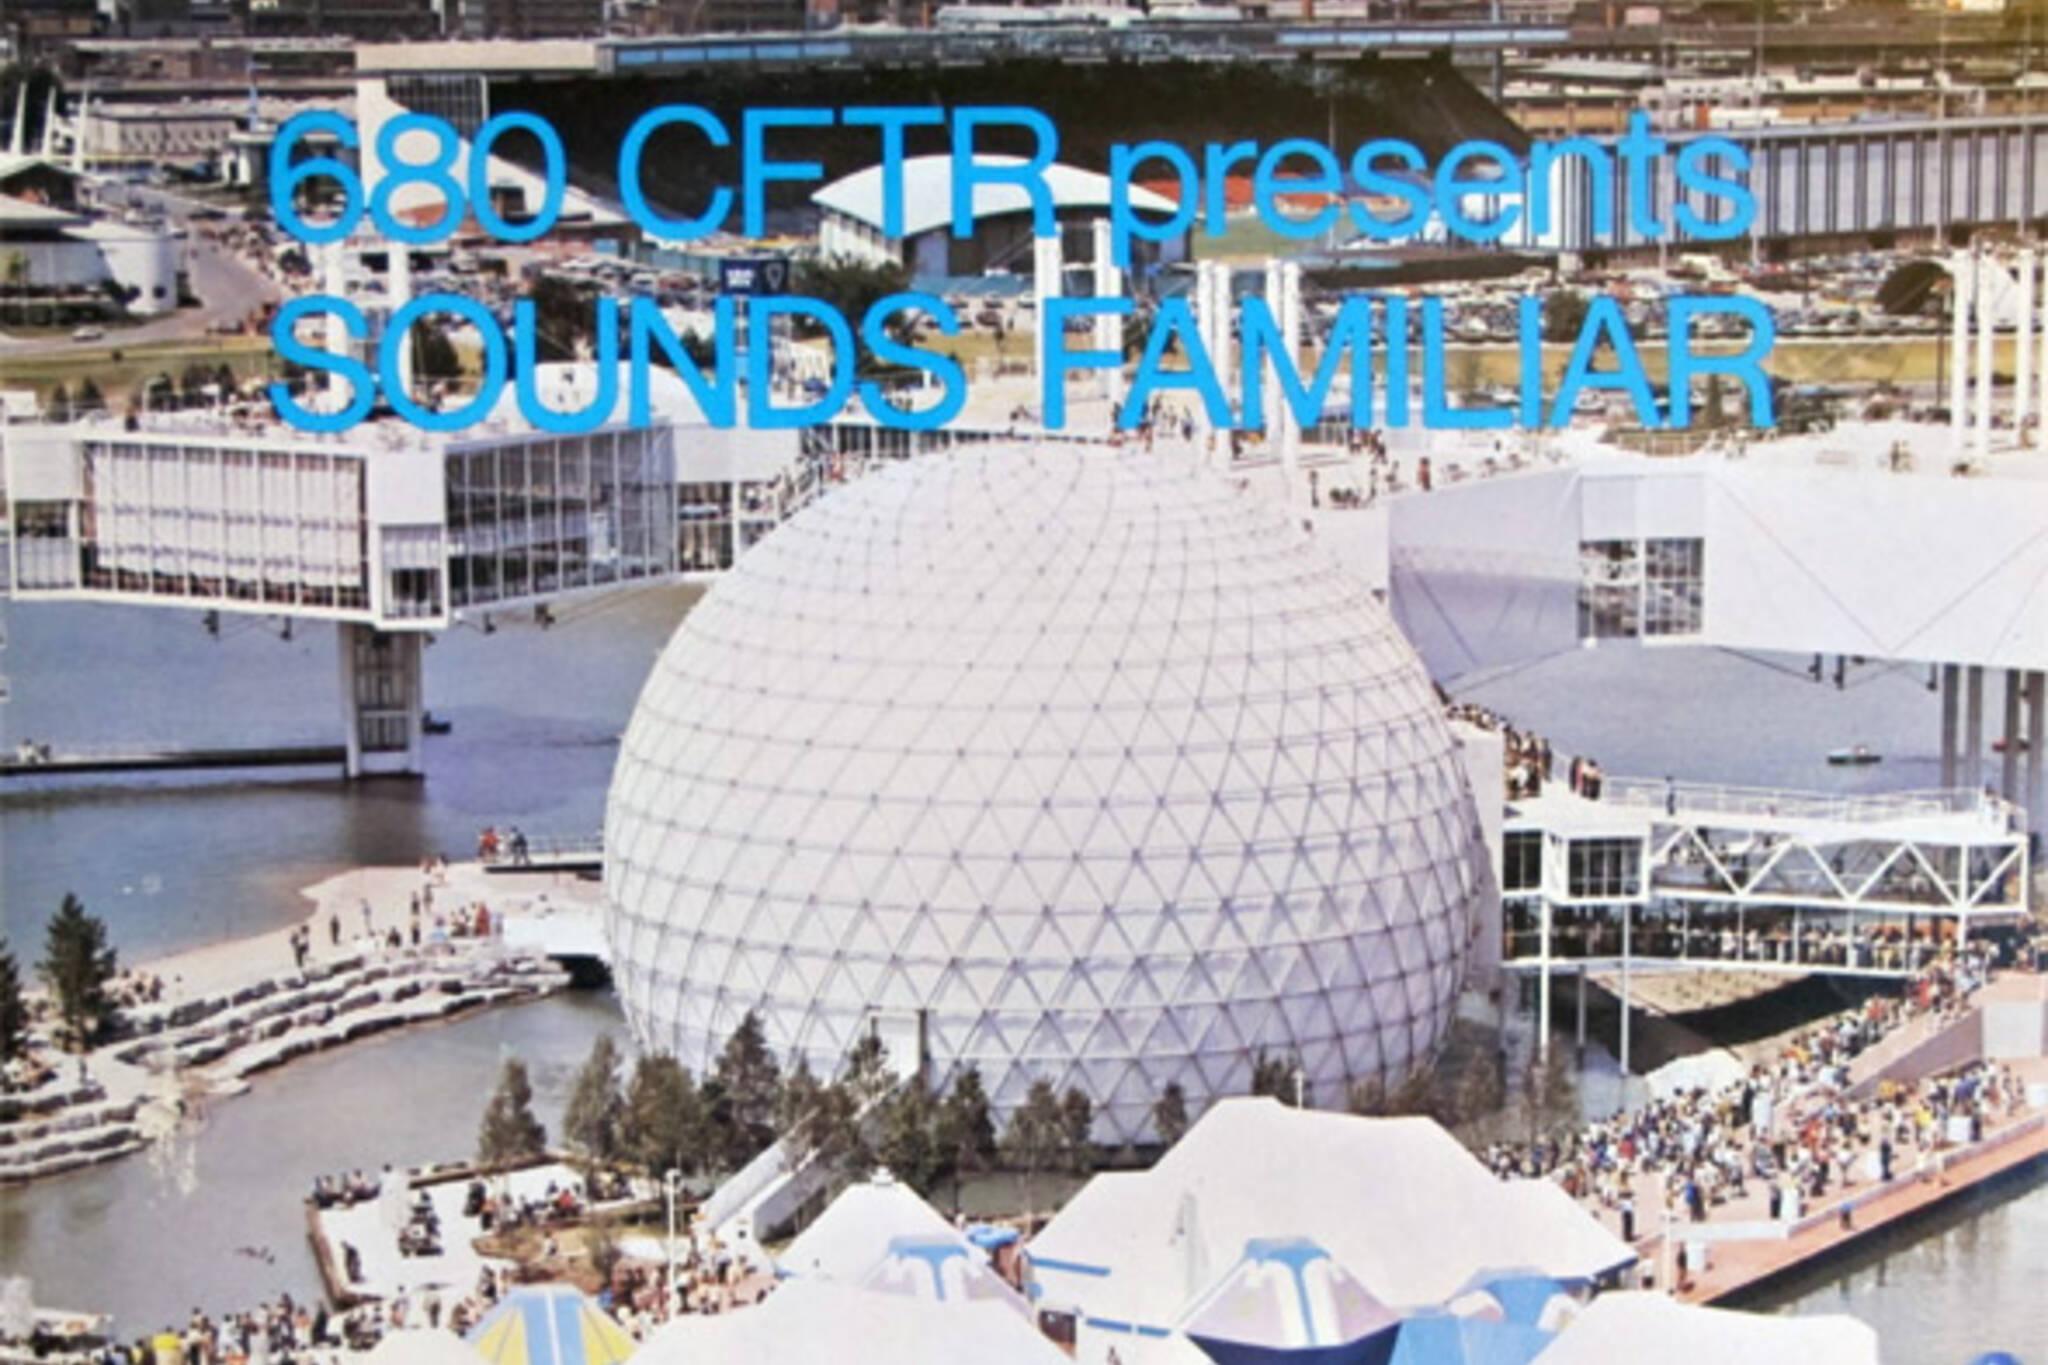 CFTR 1970s album